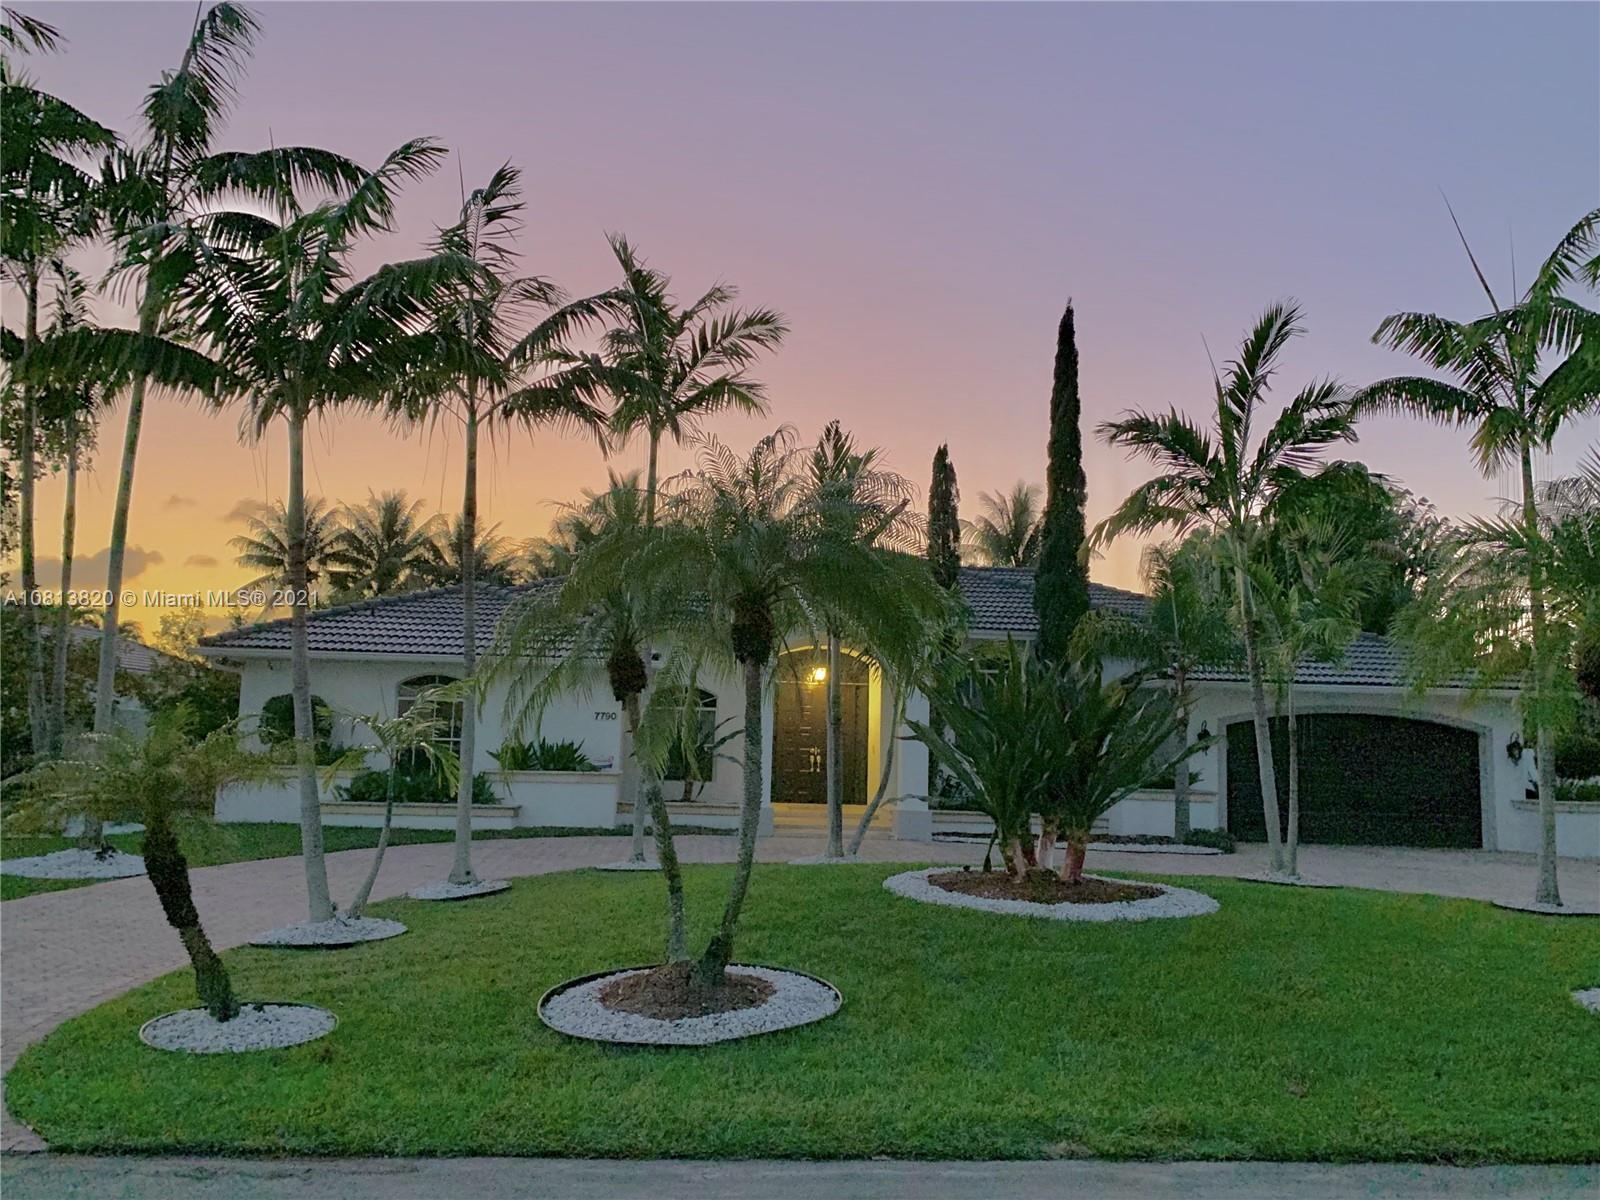 7790 SW 120th Pl, Miami, FL 33183